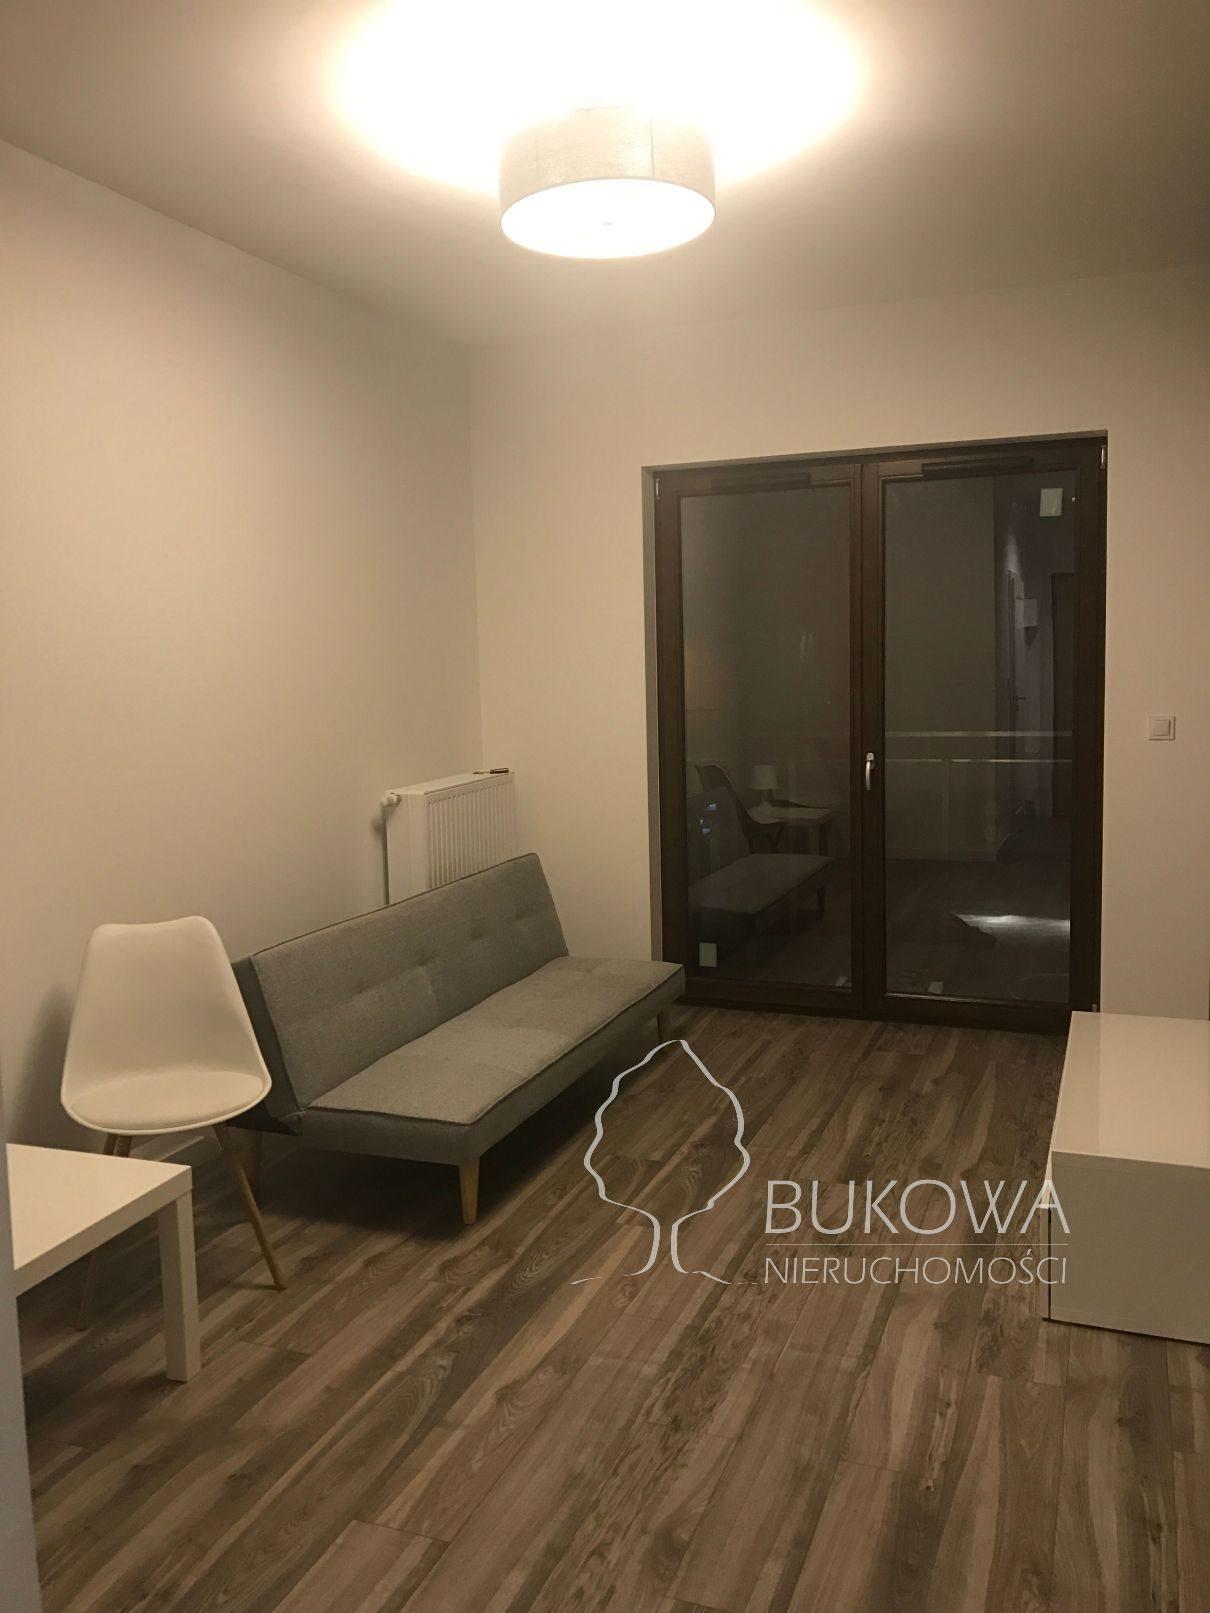 Mieszkanie dwupokojowe na wynajem Warszawa, Wilanów, Sarmacka  34m2 Foto 3